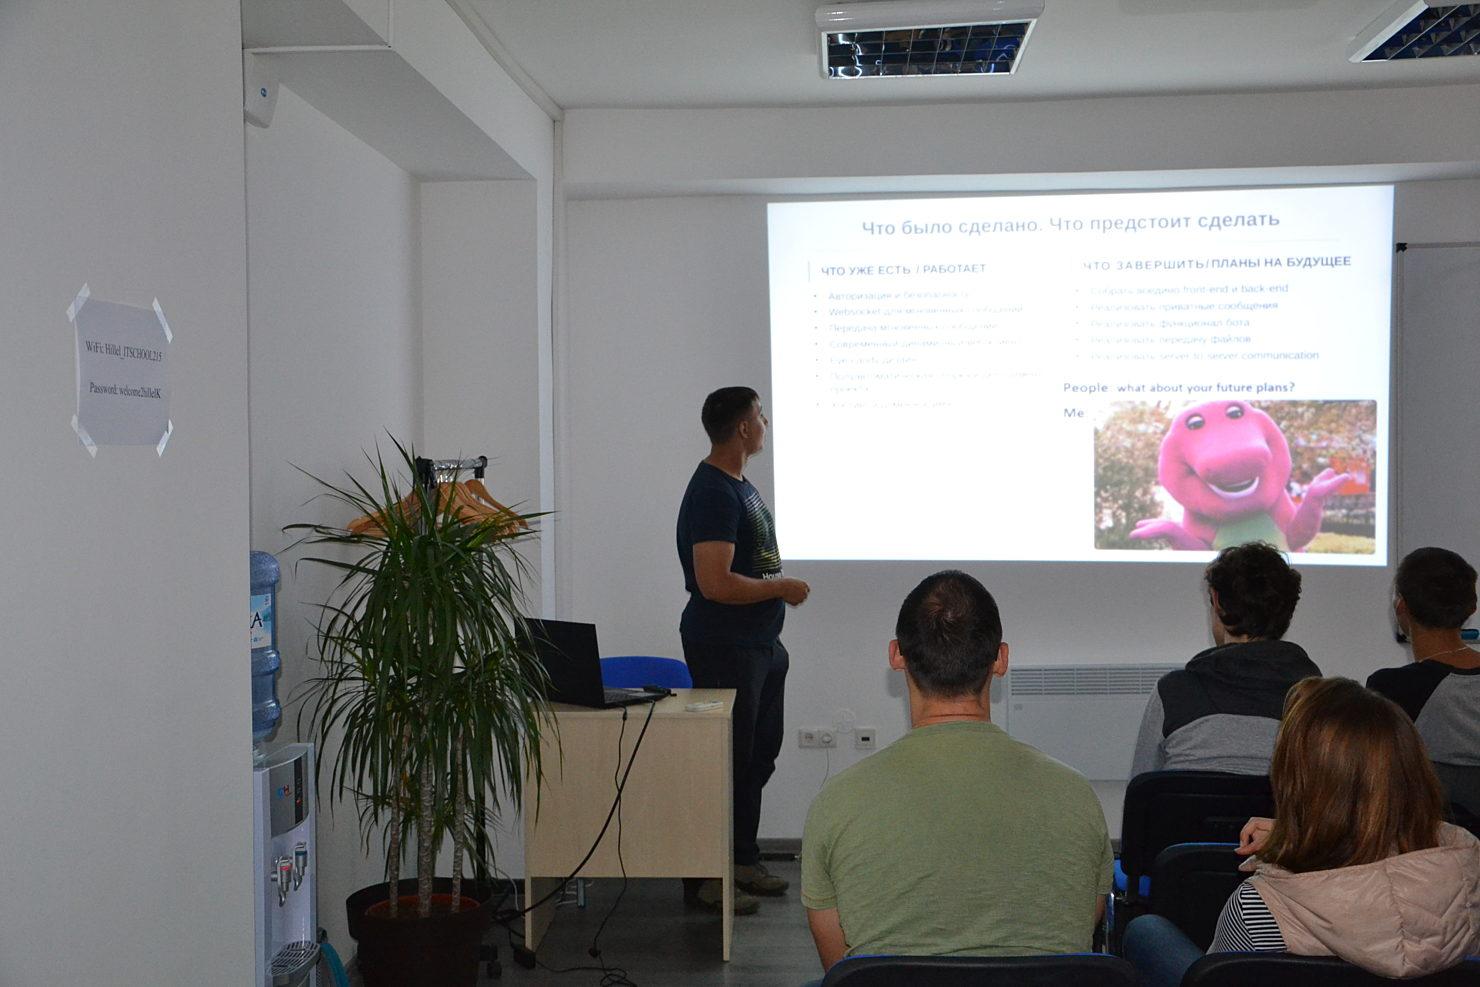 Новости школы: Презентация рабочих прототипов программы Hillel Evo в Киеве. За время работы над проектом Студенты и Выпускники освоили новые те